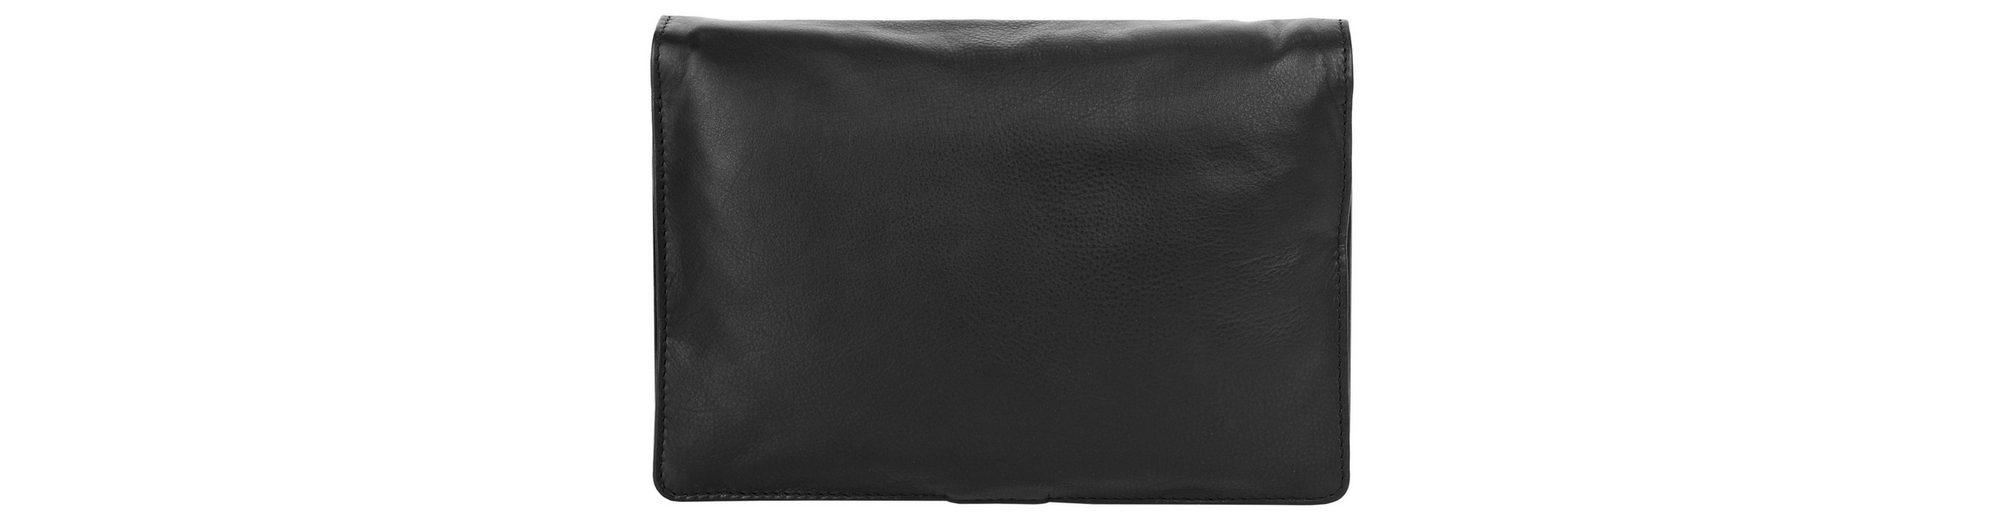 Bodenschatz Handgelenk Tasche Rabatt Online-Shopping Günstig Kaufen Mode-Stil WRapTxs1Al